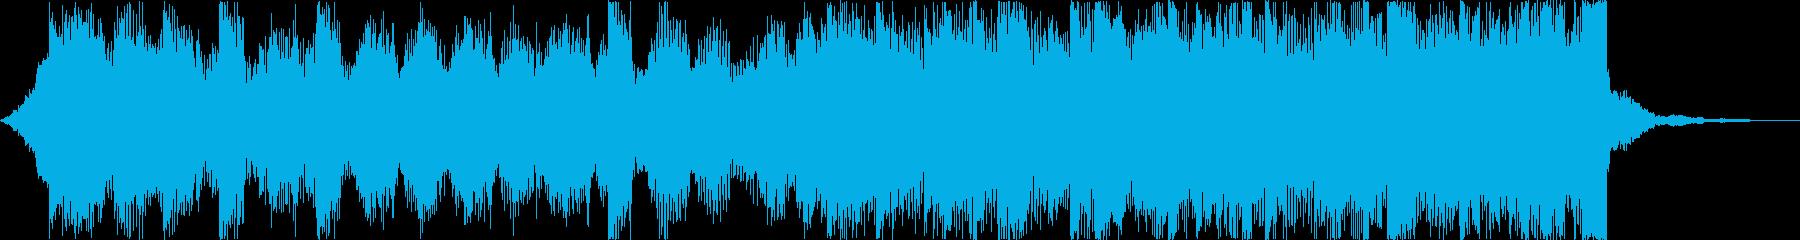 雄大壮大自然海夏EDMトロピカルハウスdの再生済みの波形